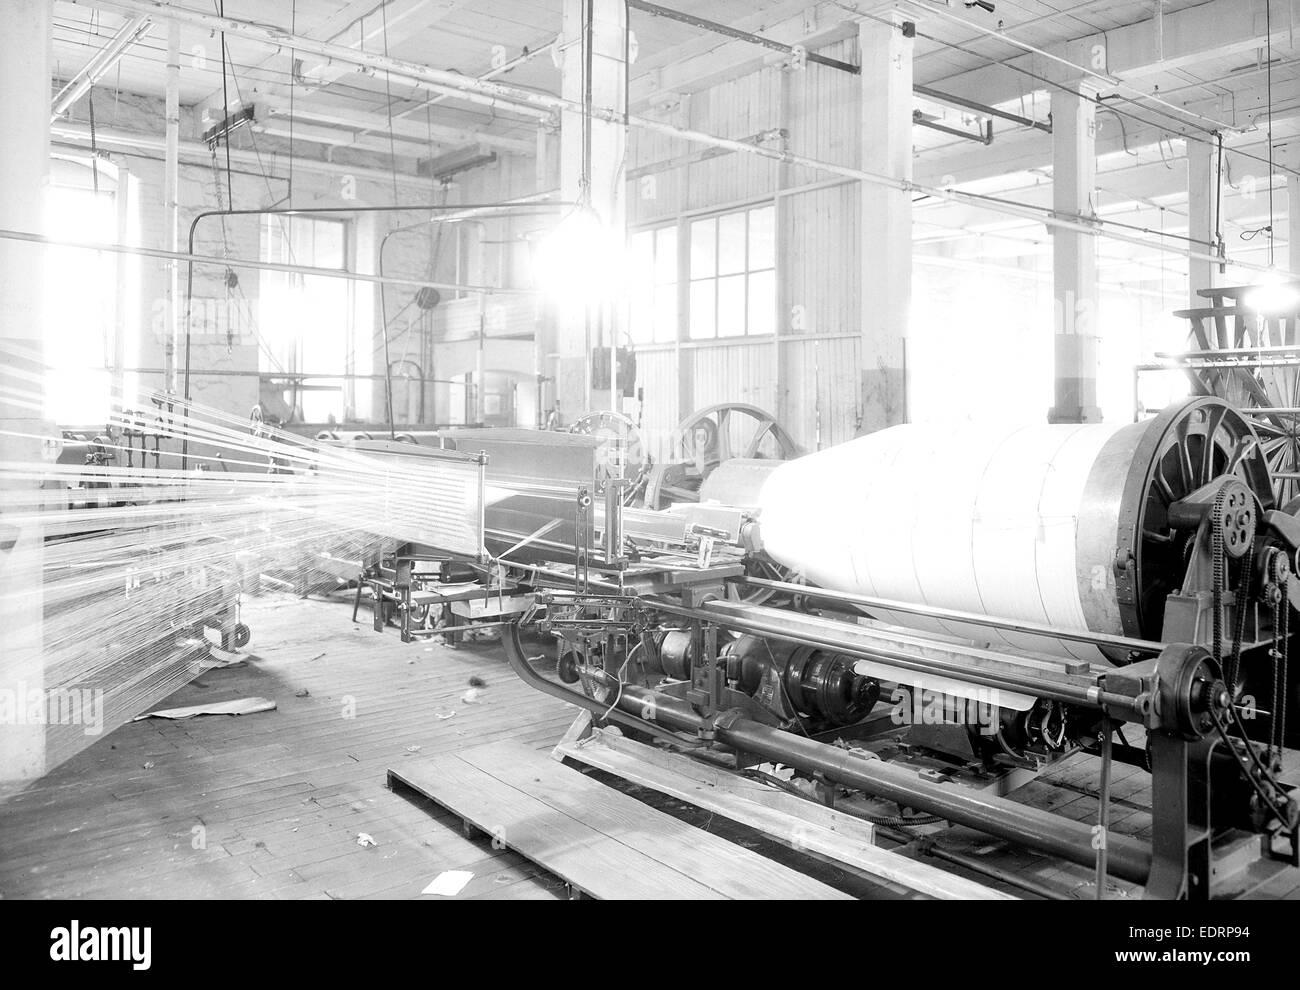 Paterson, New Jersey - Prodotti tessili. [Grande macchina tessile.], giugno 1937, Lewis Hine, 1874 - 1940, fu un Immagini Stock